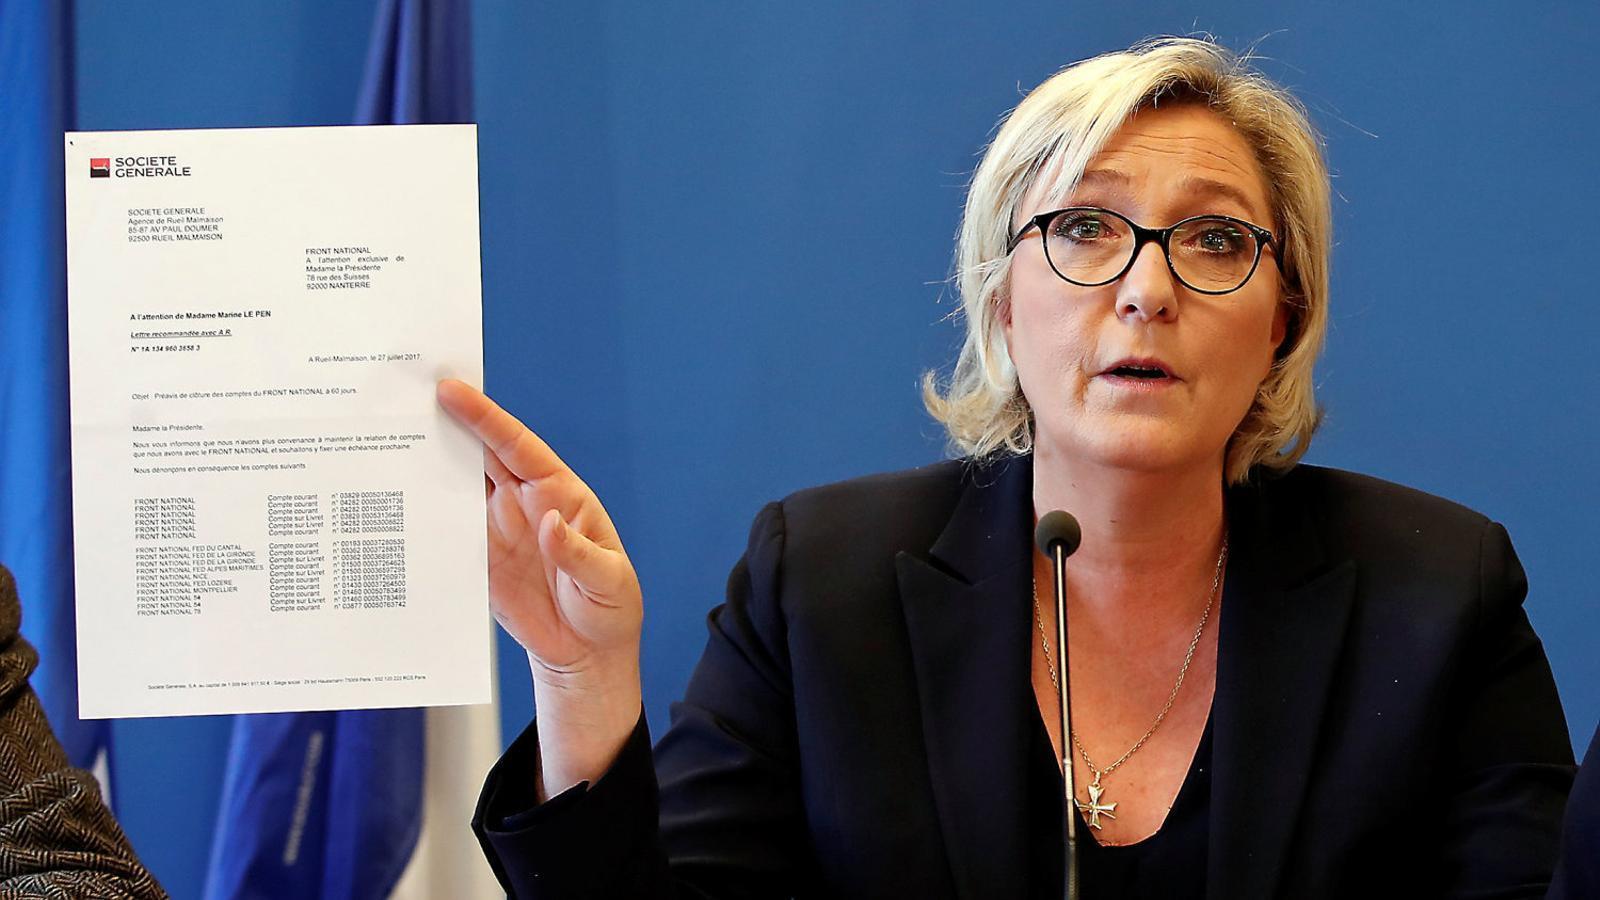 Marine Le Pen ahir ensenyant una carta de la Société Générale per demostrar el suposat boicot bancari contra ella i el FN.